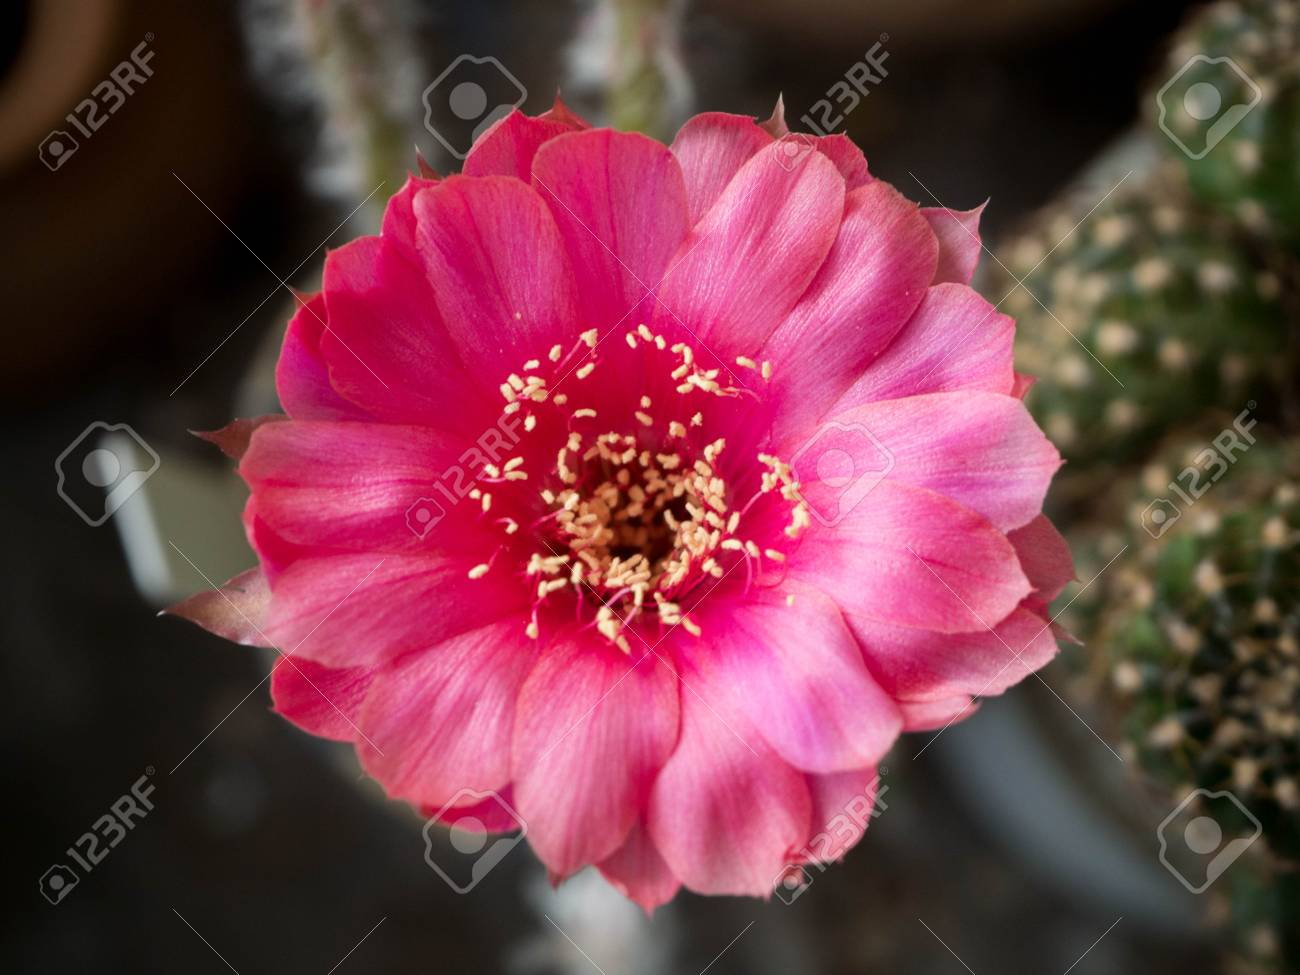 Fiori Con La C.Immagini Stock I Fiori Di Cactus Sono Rosa Sullo Sfondo C E Un